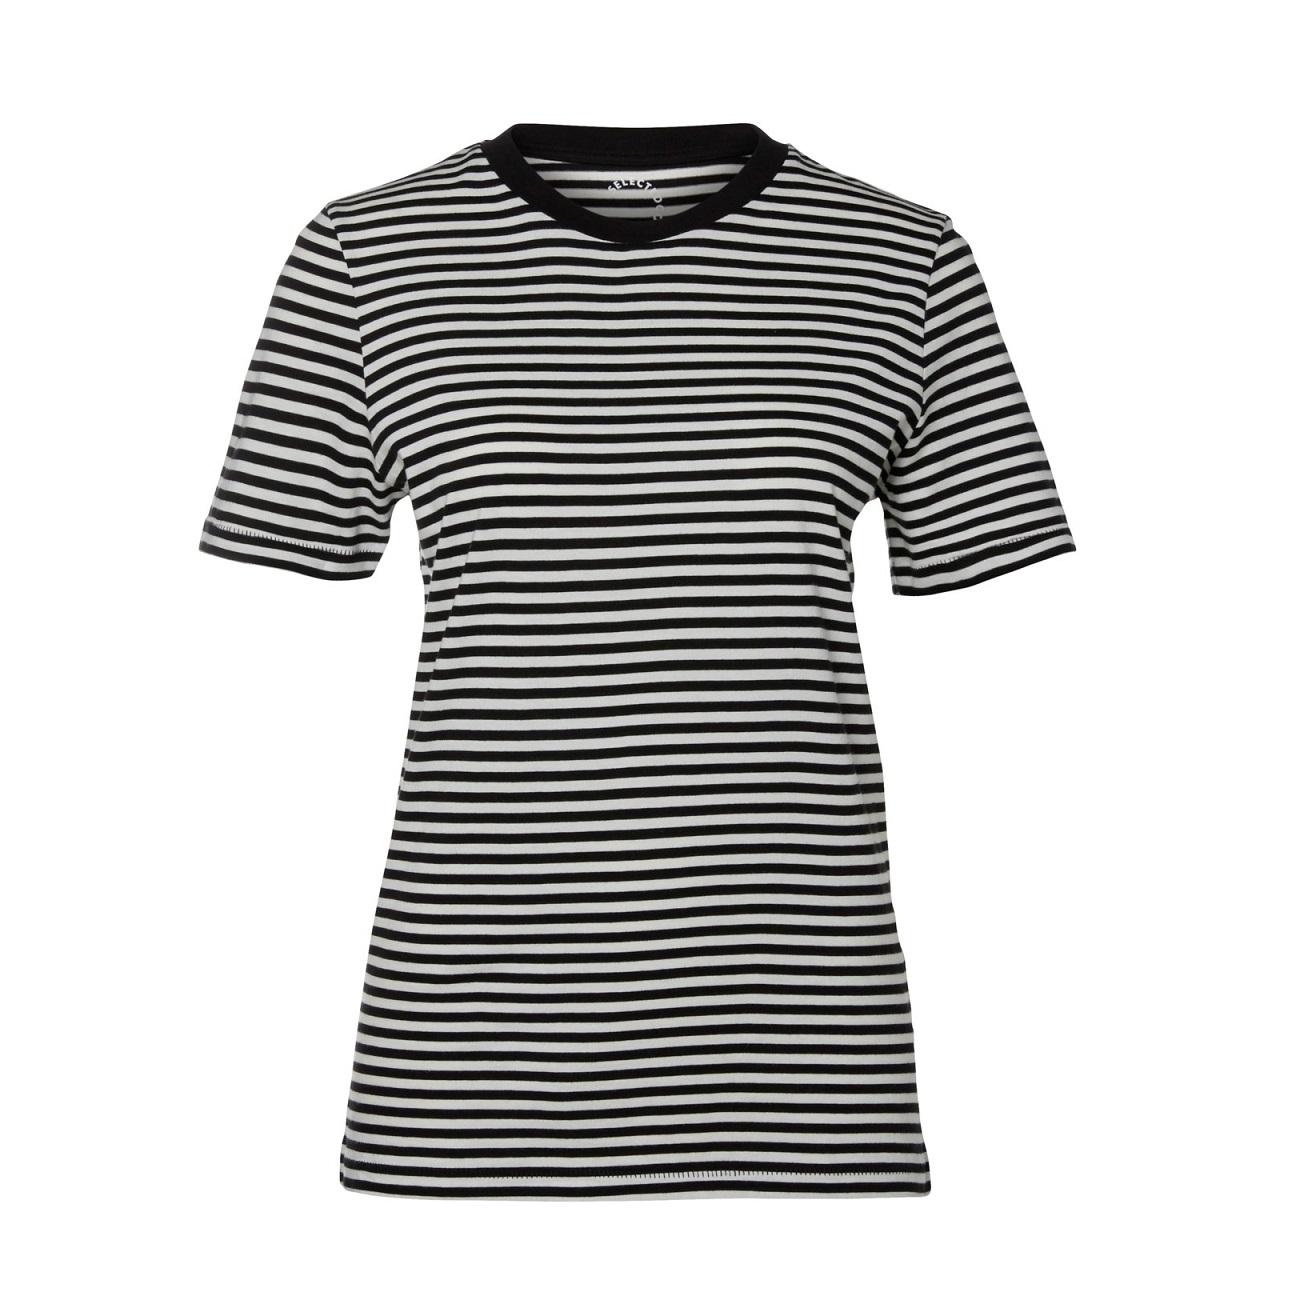 Black / White Striped Tee